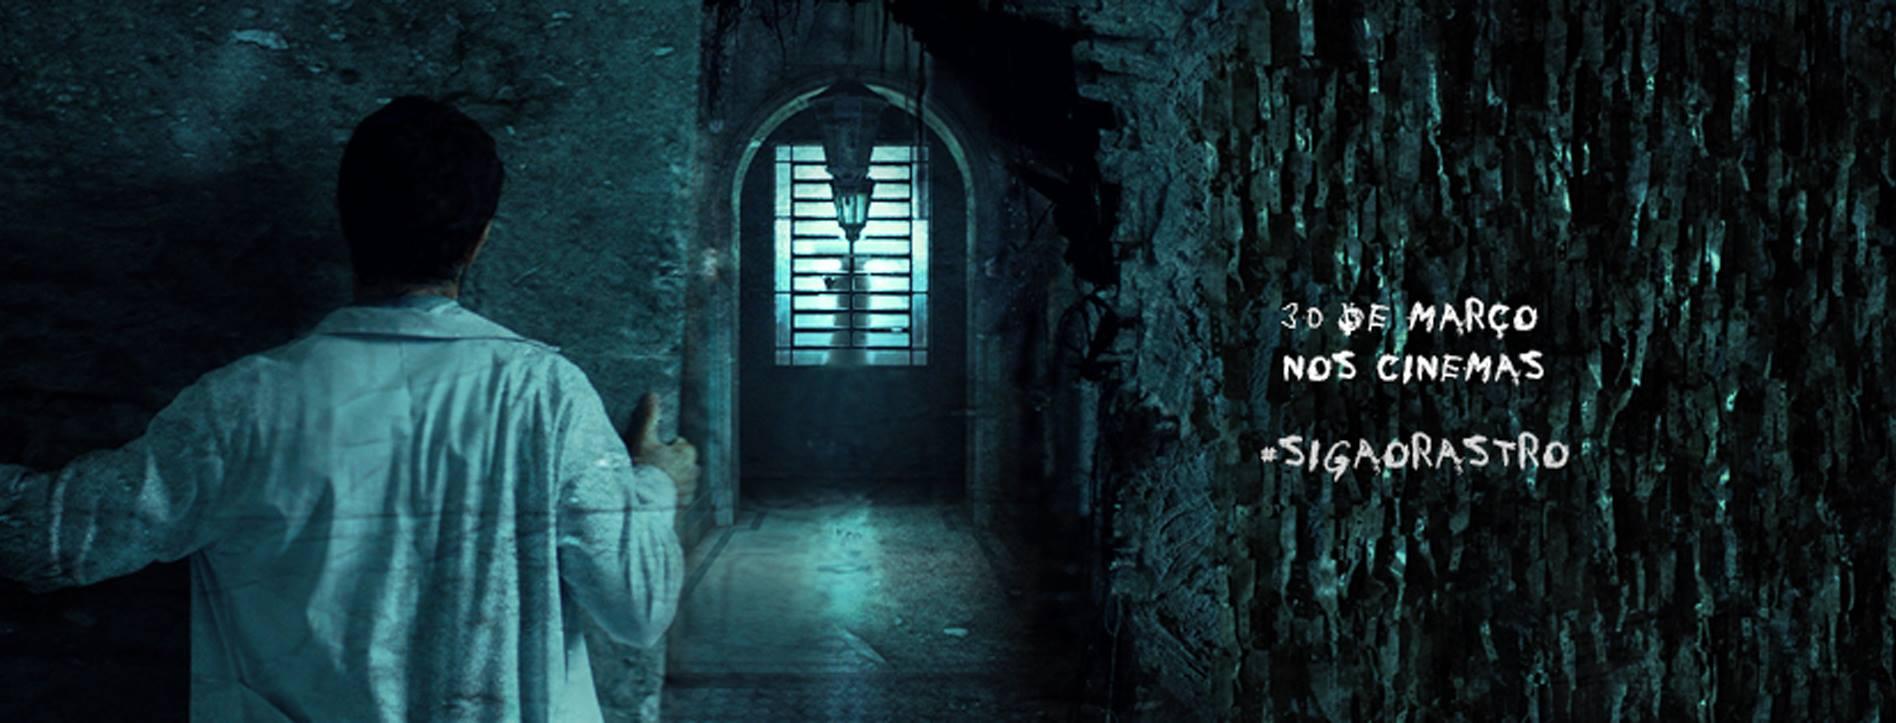 """Assista o trailer de """"O Rastro"""", filme de terror nacional com Leandra Leal e Rafael Cardoso"""